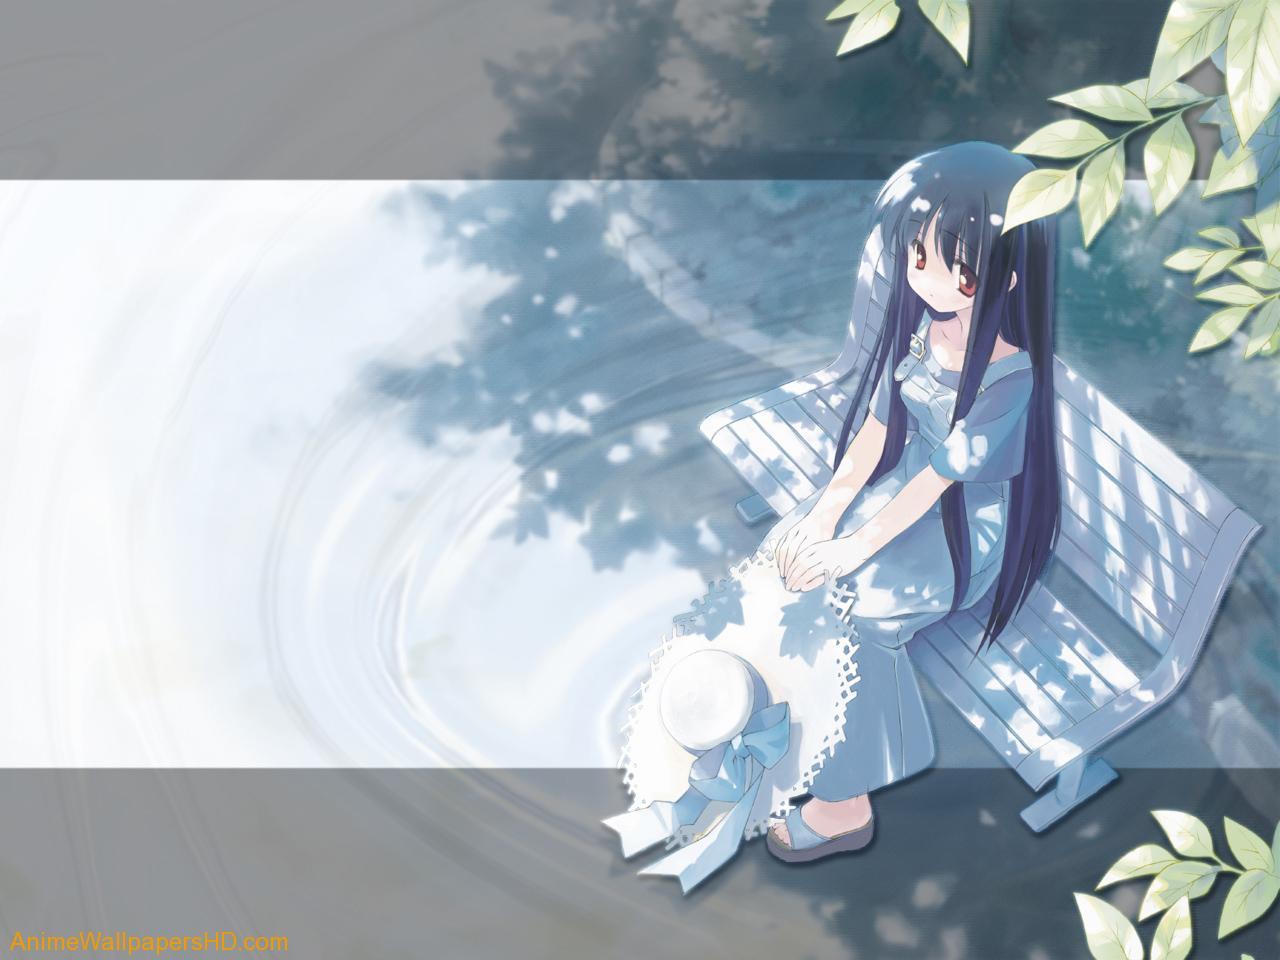 Lonely Anime X Girl 100682 Wallpaper wallpaper